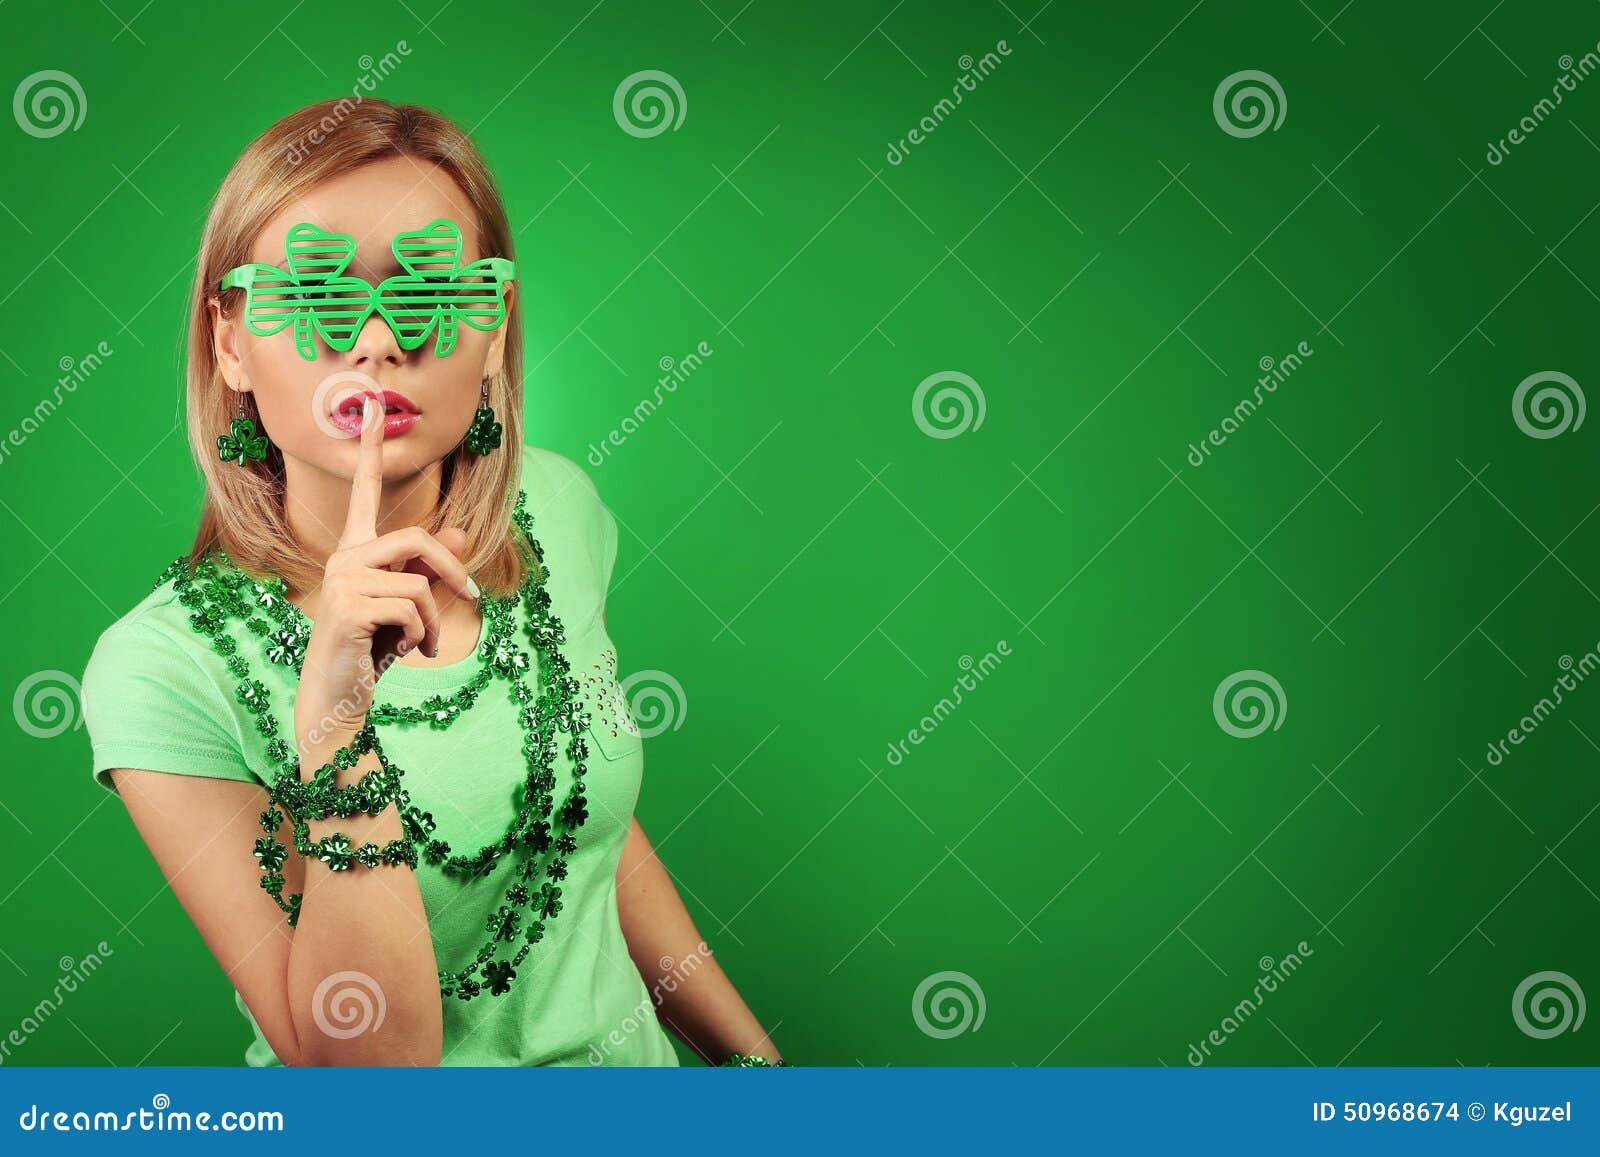 走读女生帕特里克s st 戴三叶草形状的眼镜的少妇